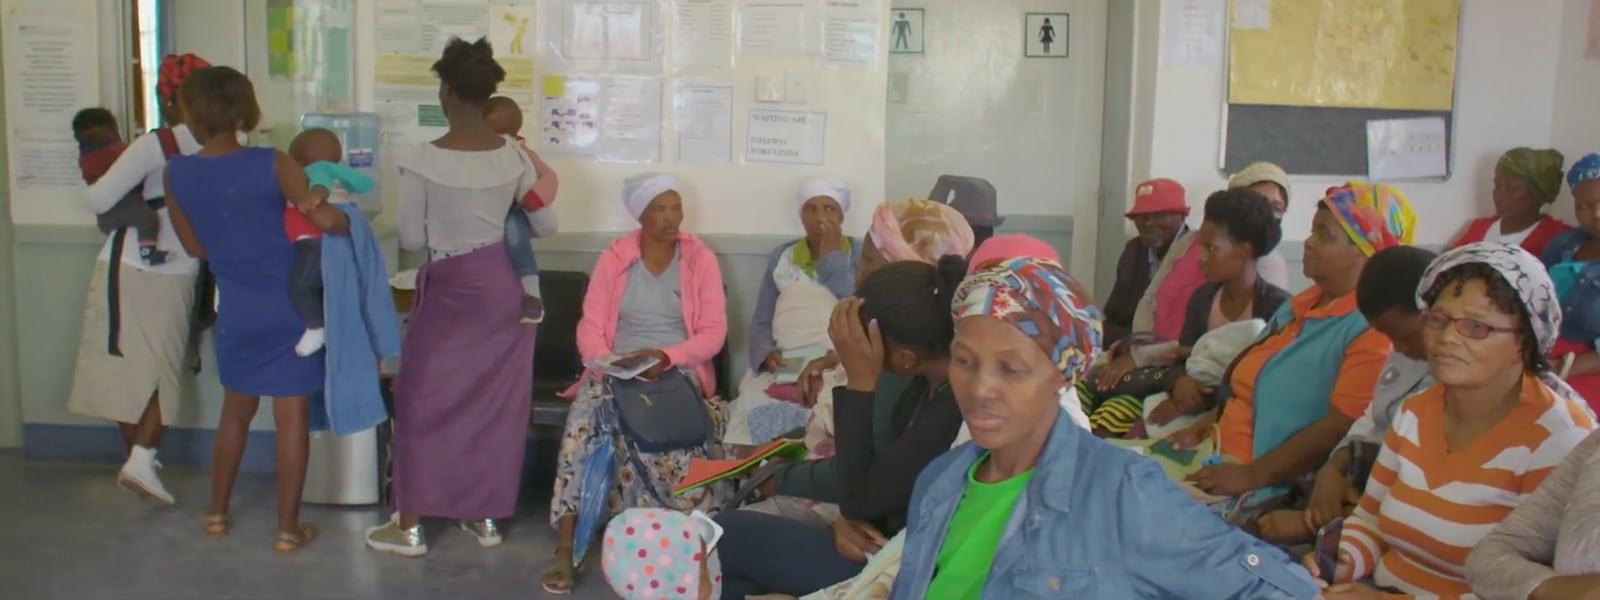 保健所の女性のグループ